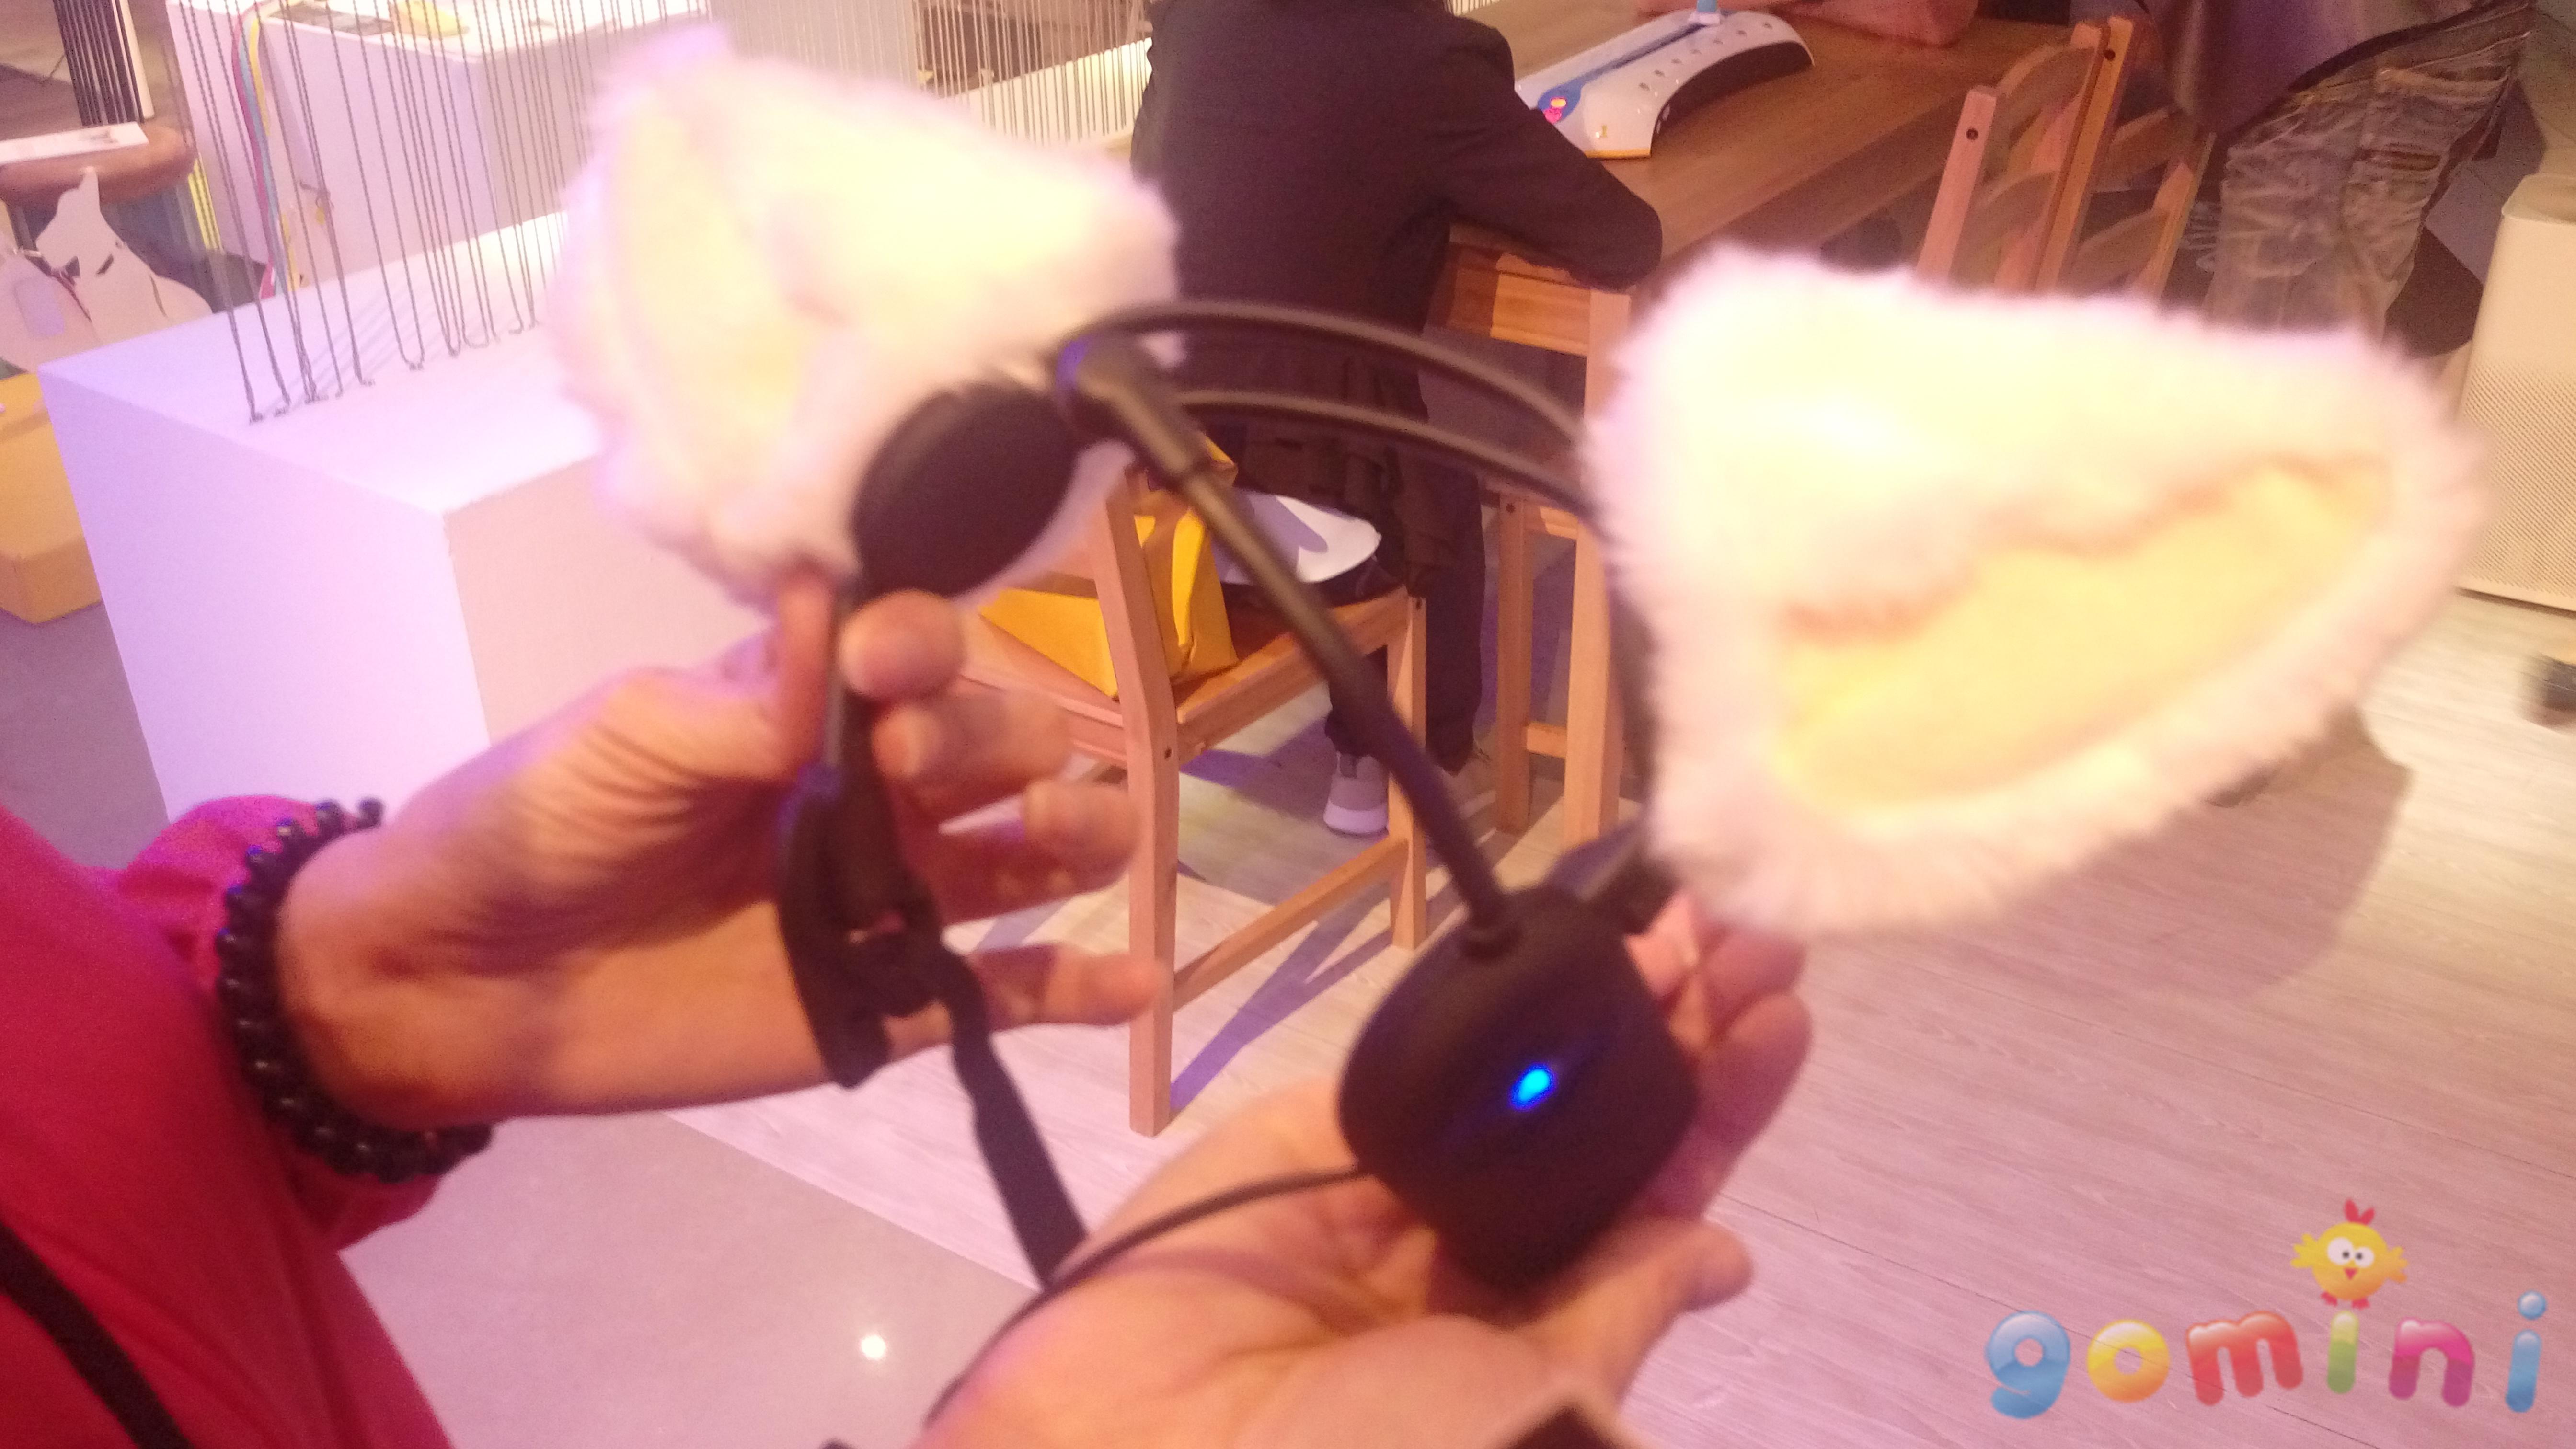 意念控制貓耳朵.jpg